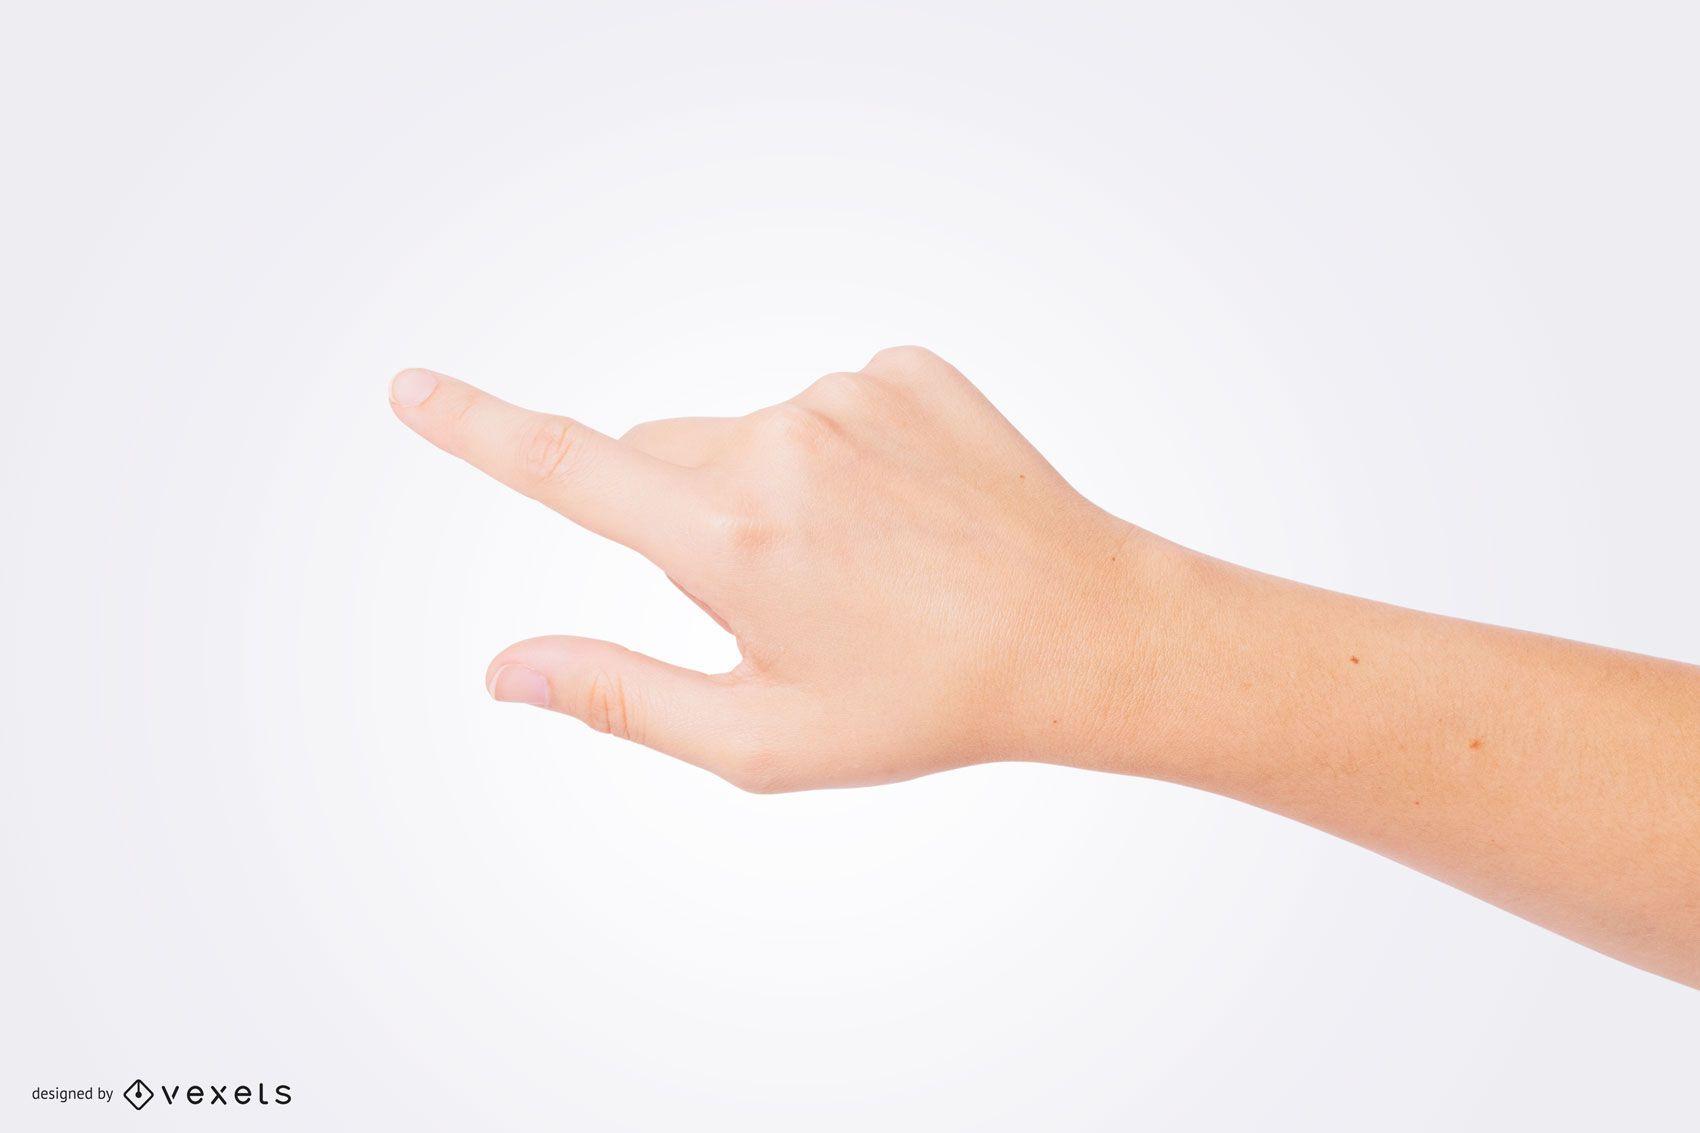 Maquete de mão apontando dedo